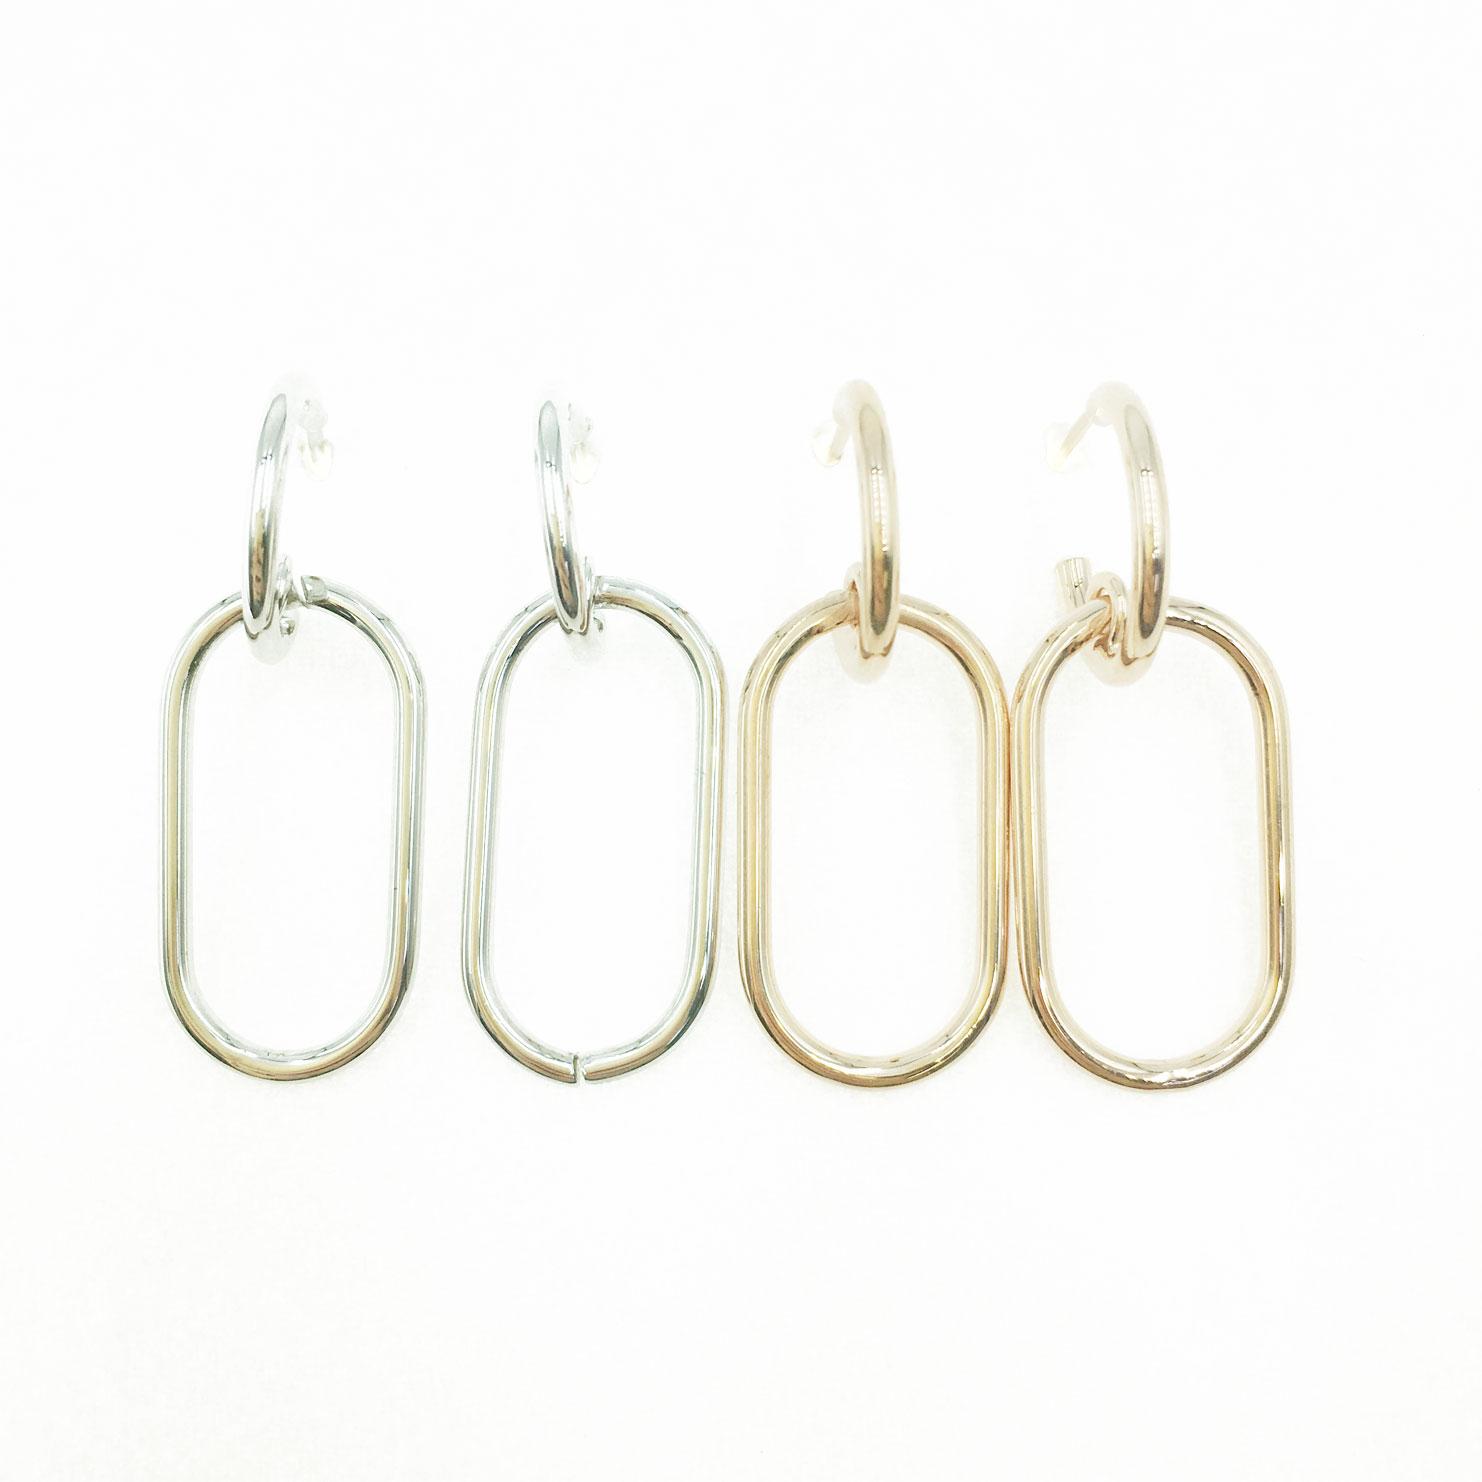 韓國 925純銀 簍空 橢圓 造型 銀 玫瑰金 明星款飾品 耳針式耳環